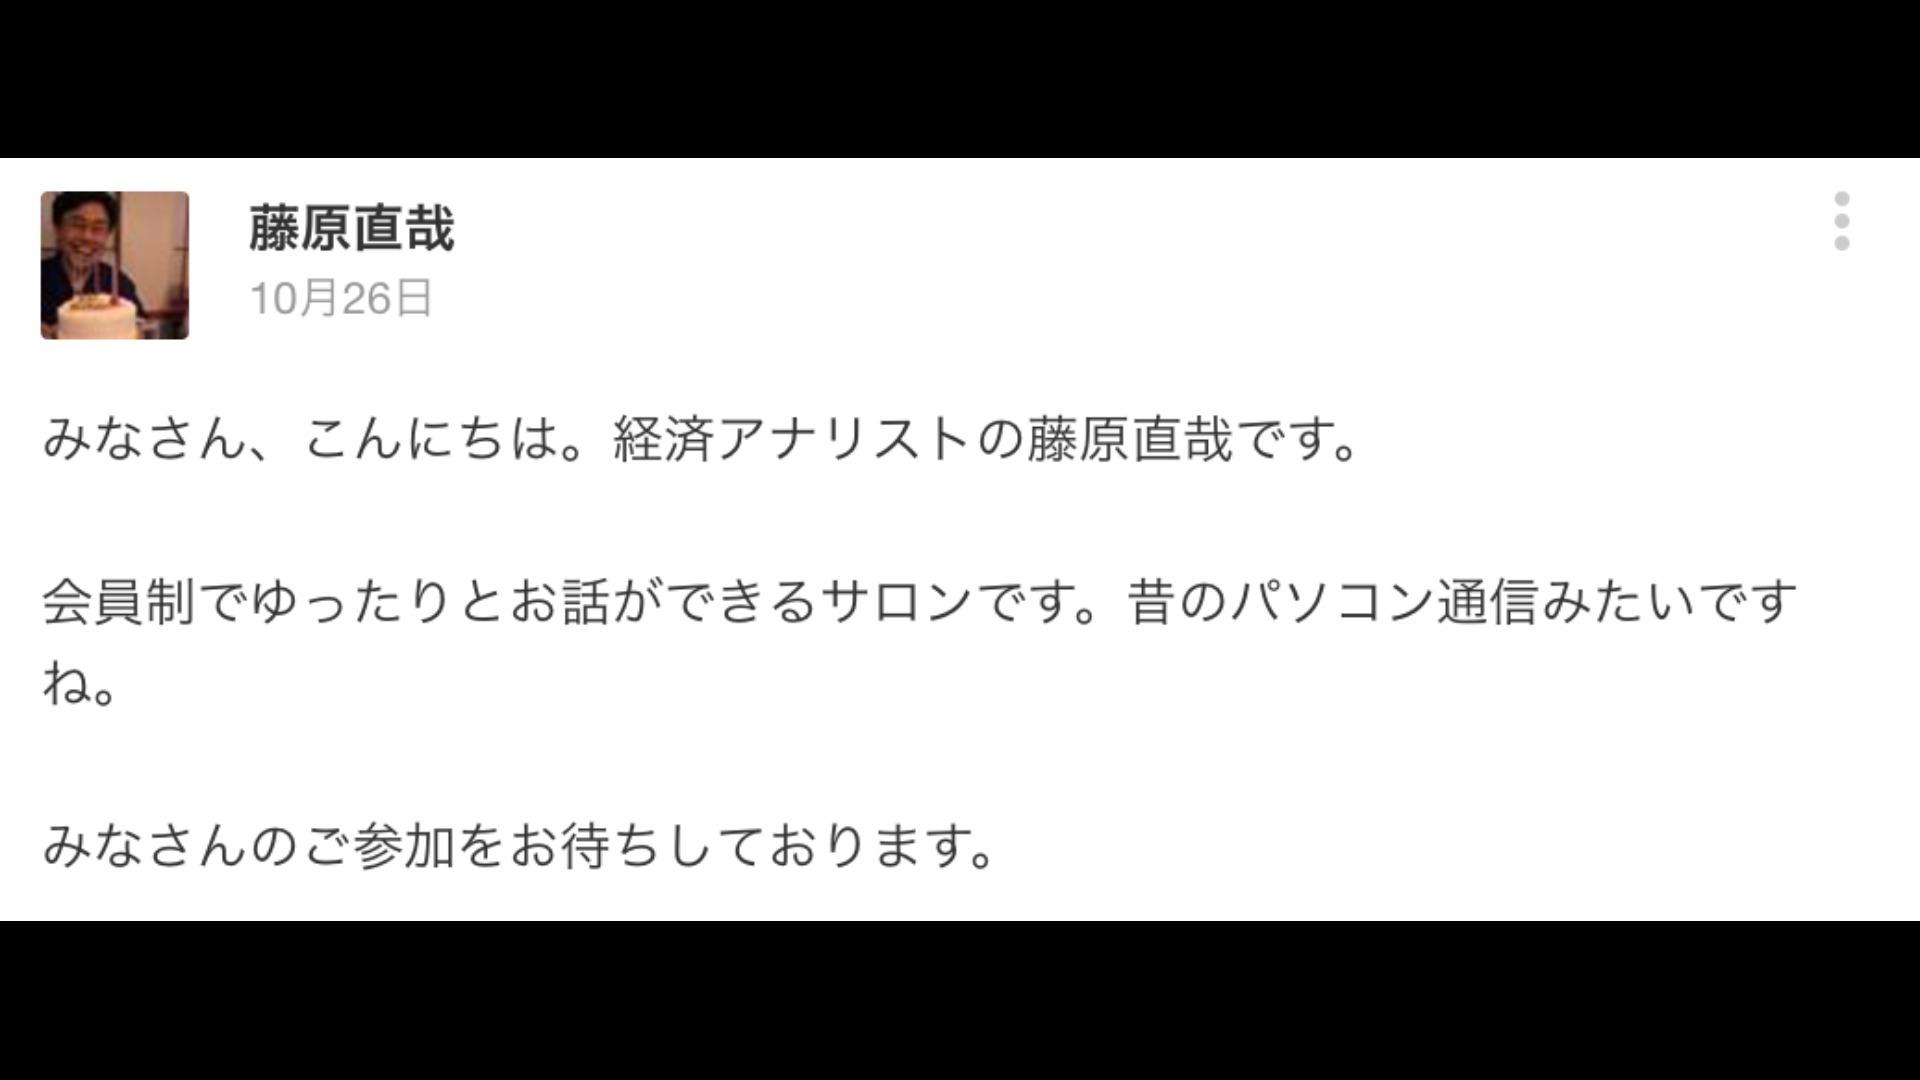 藤原直哉/ふじわら なおや